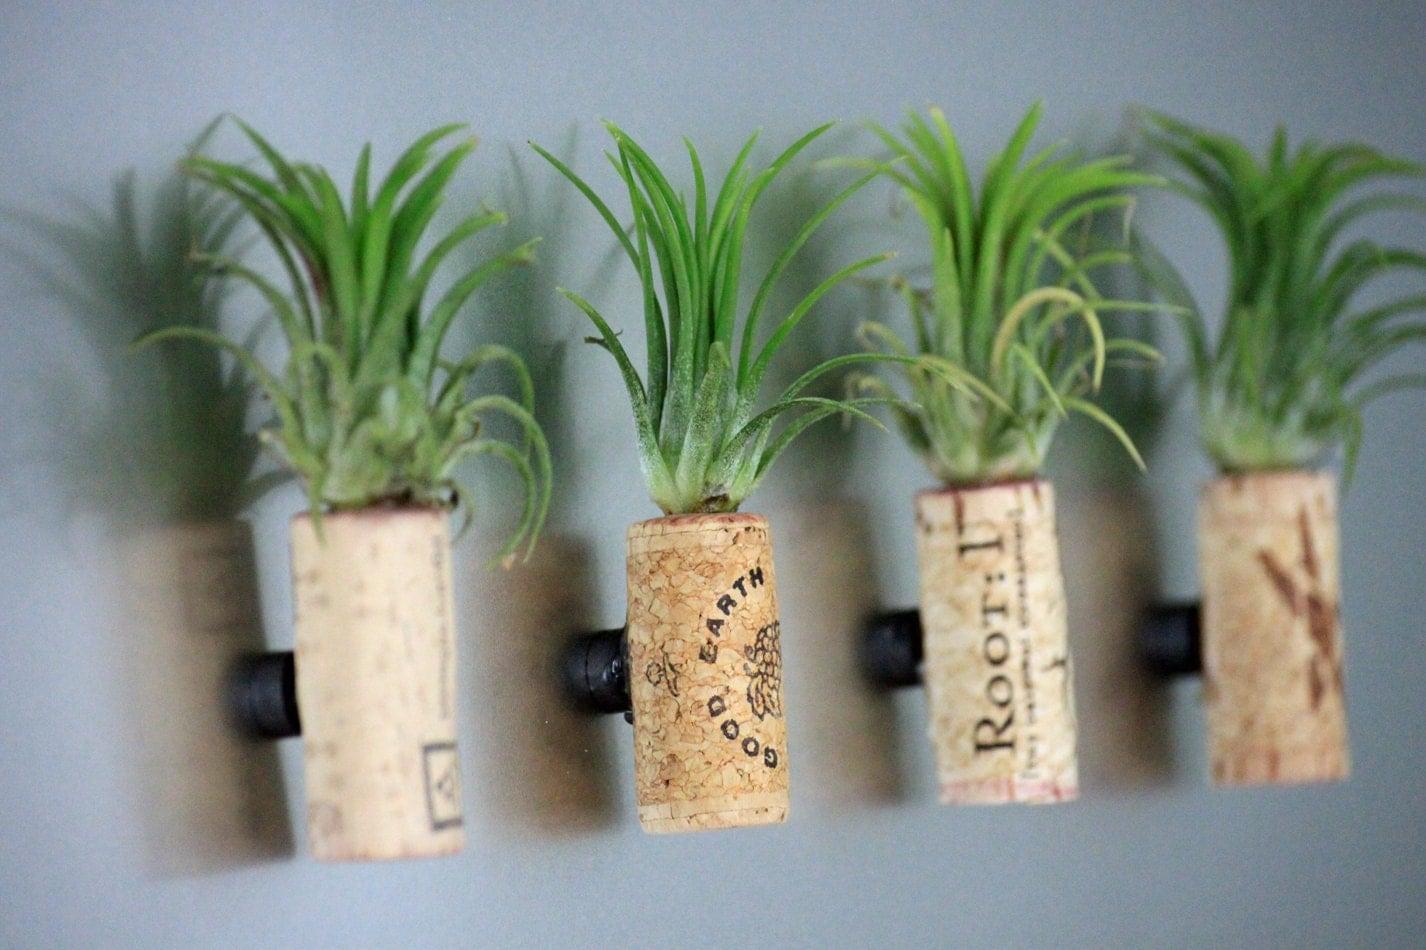 Live plant cork magnet living art unique air plant decor for Air plant planters